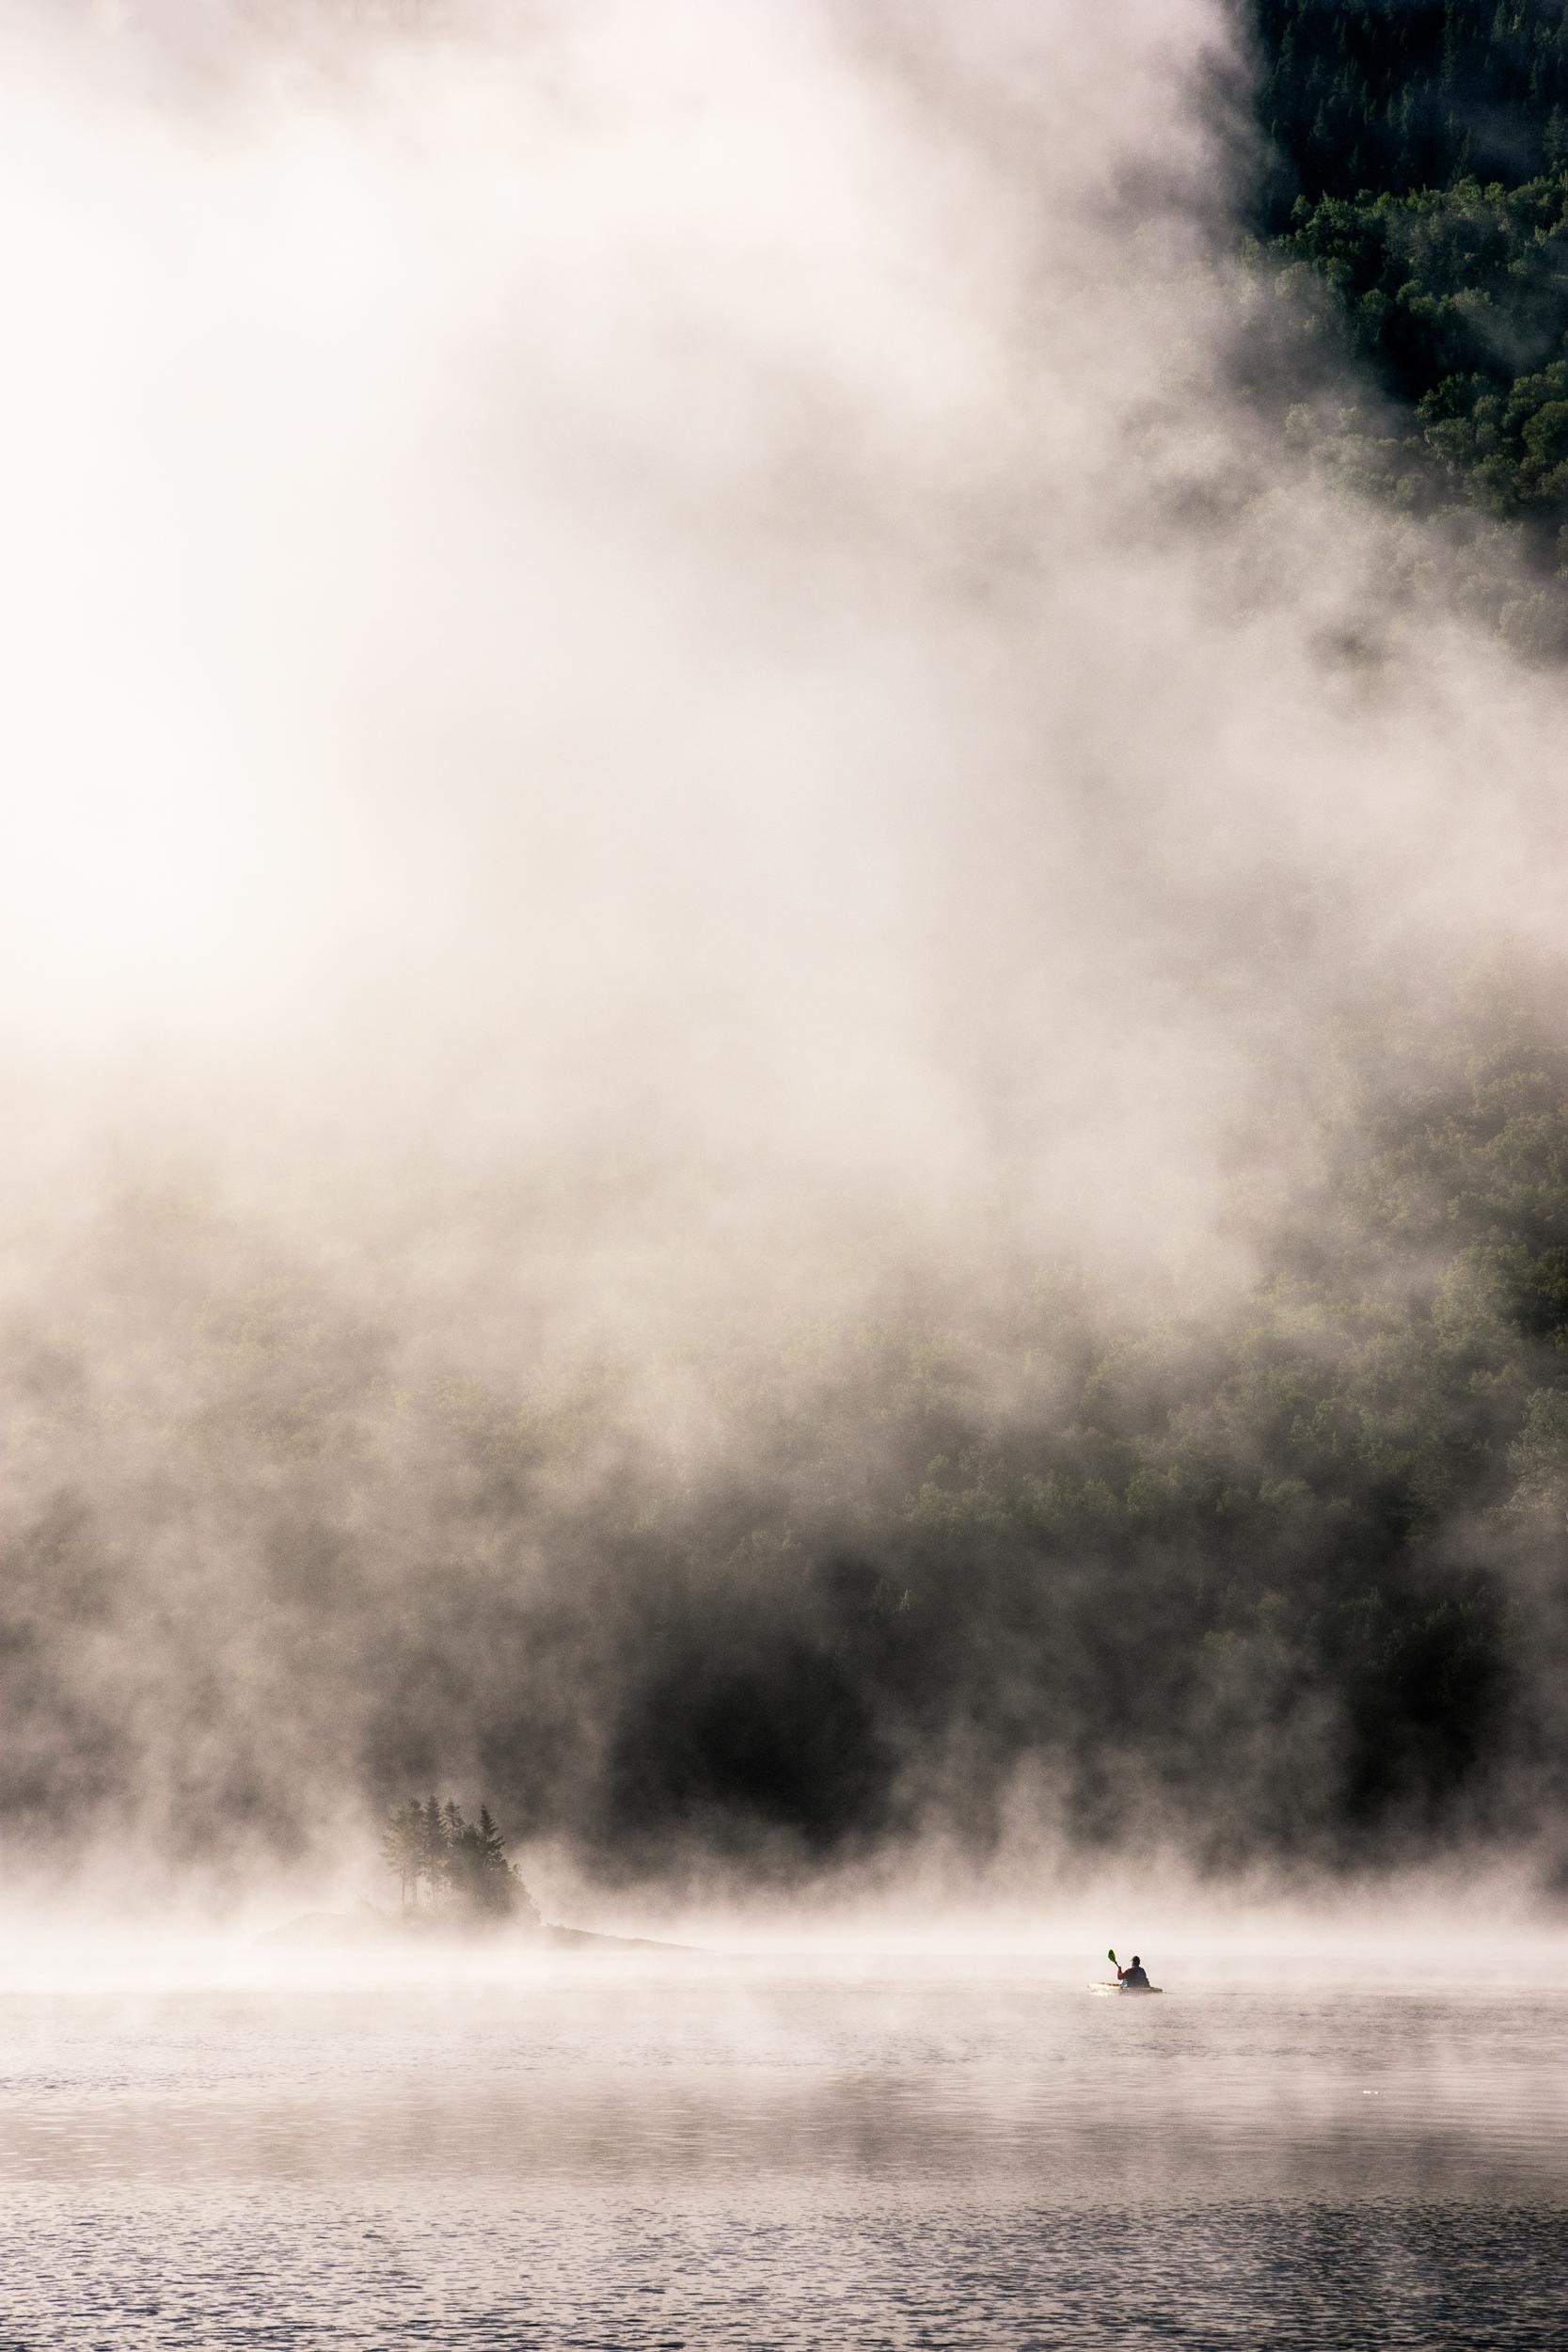 Kayak-Fog.web.jpg